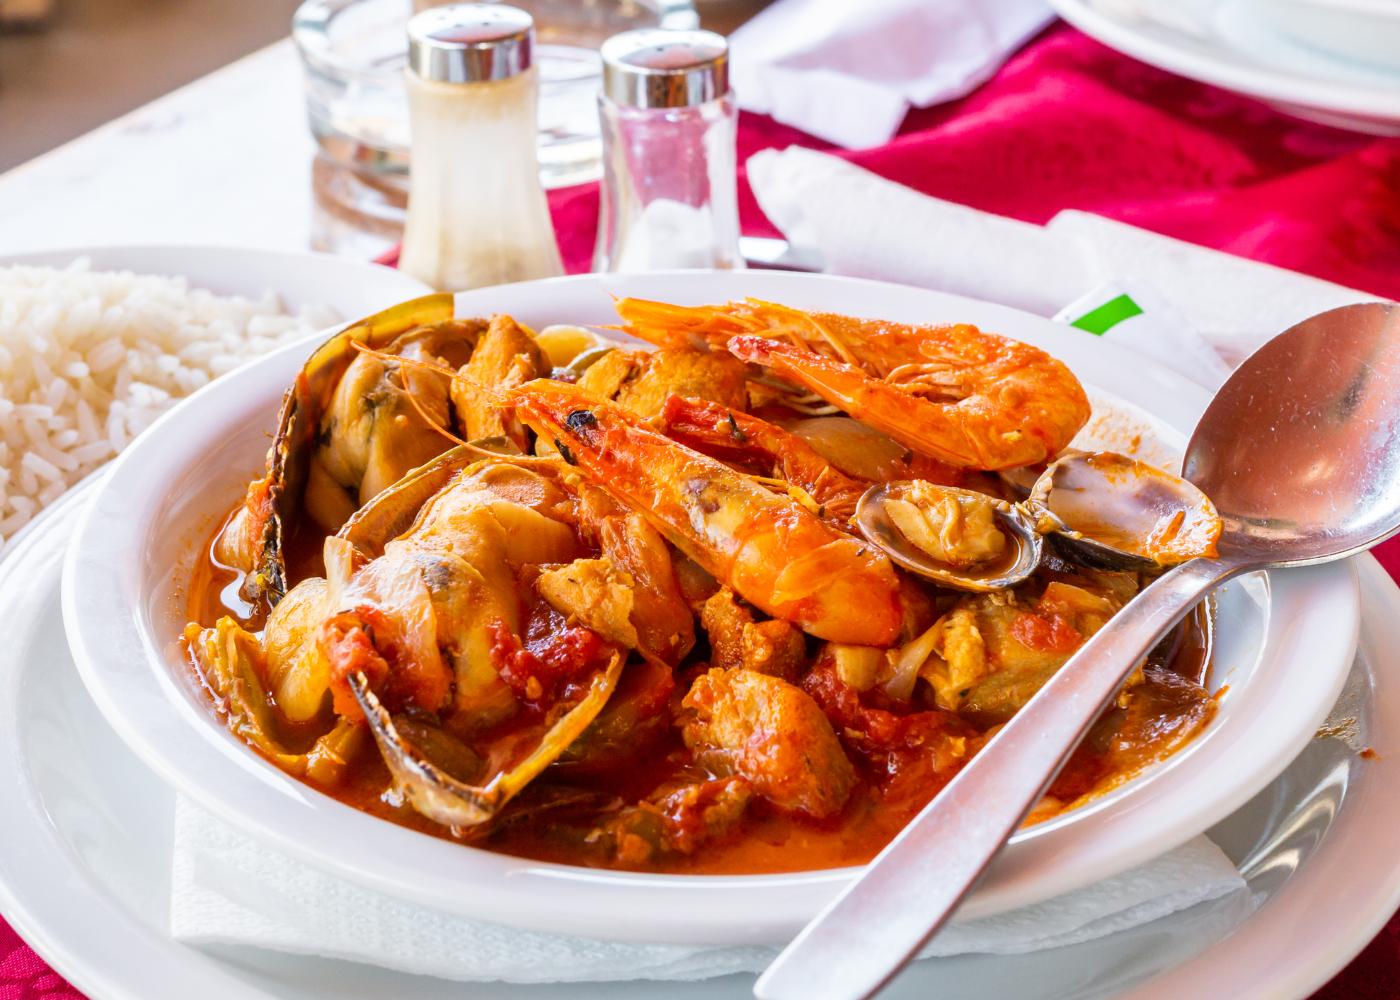 prato com camarão, frango e ameijoas